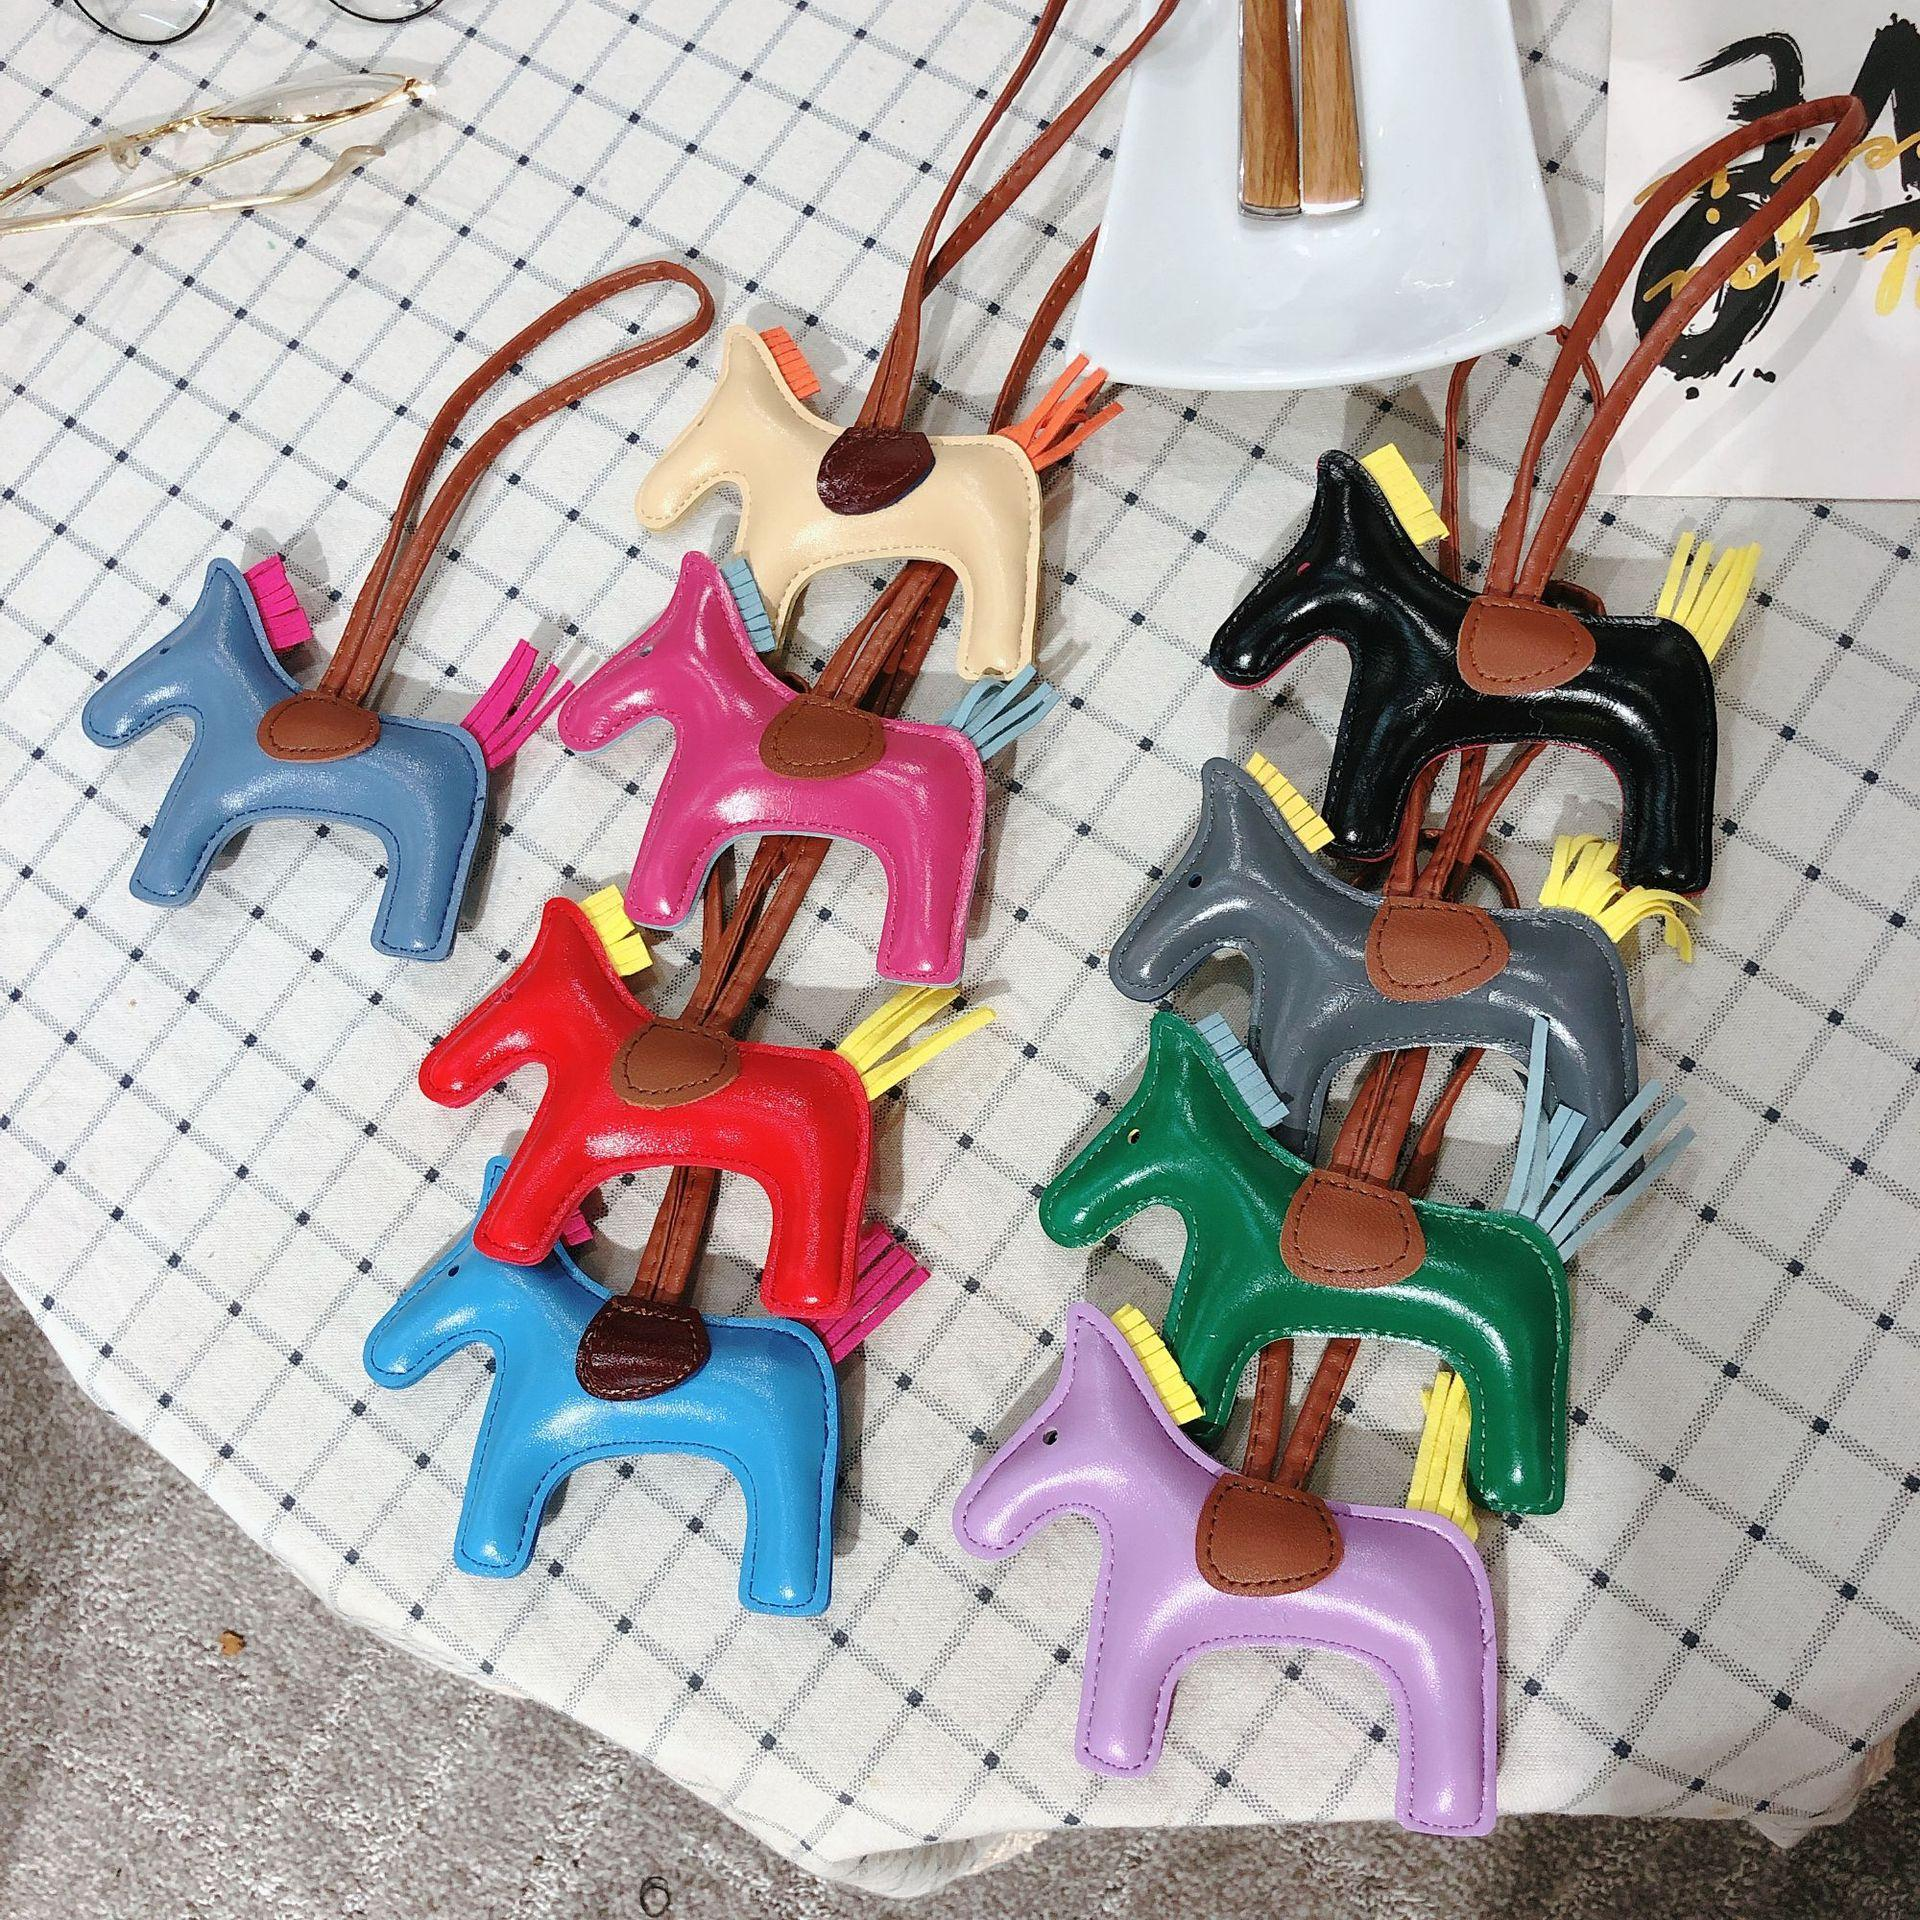 Ganze Verkauf h Marke Tasche Leder Pferd hängen Ornamente Günstige Ornamente für Tasche K Tasche Hängen Ornamente 100% hand machen